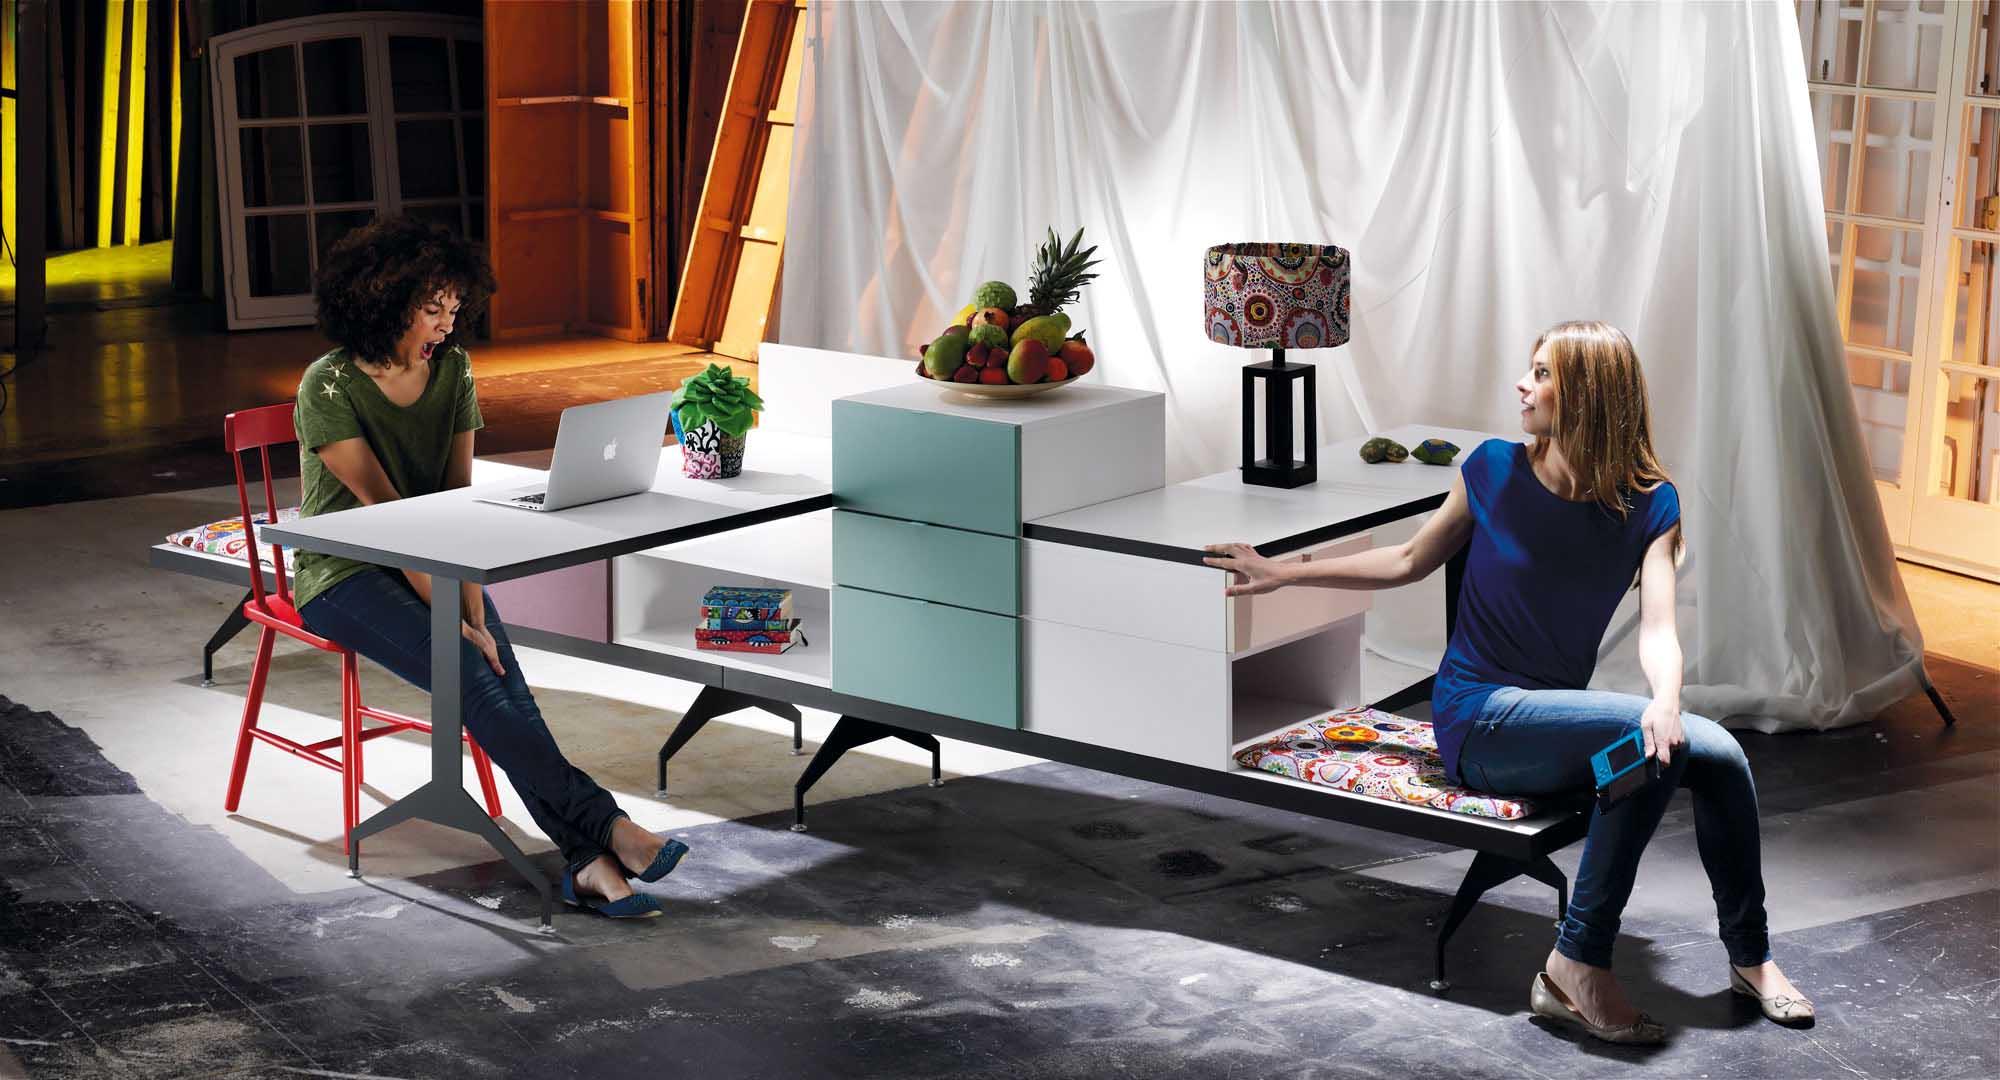 Tatat muebles a medida y m s expertos en mueble juvenil zona estudio y despachos - Mobiliario juvenil barcelona ...